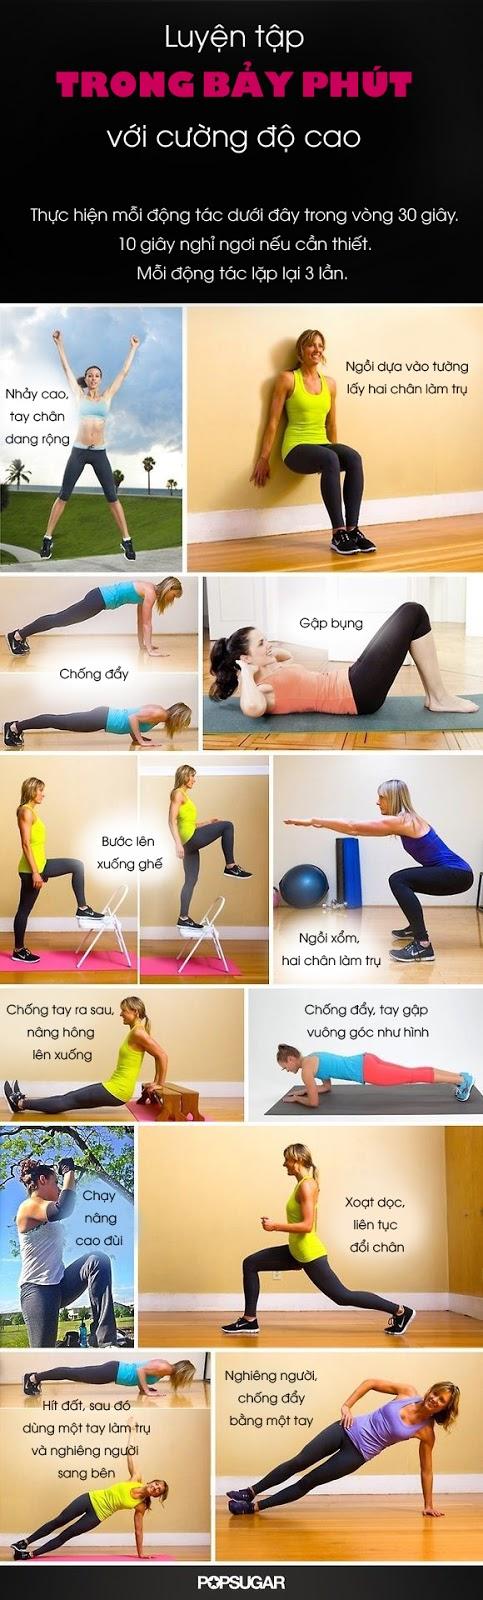 7 phút giúp giảm cân nhanh chóng cho người bận rộn